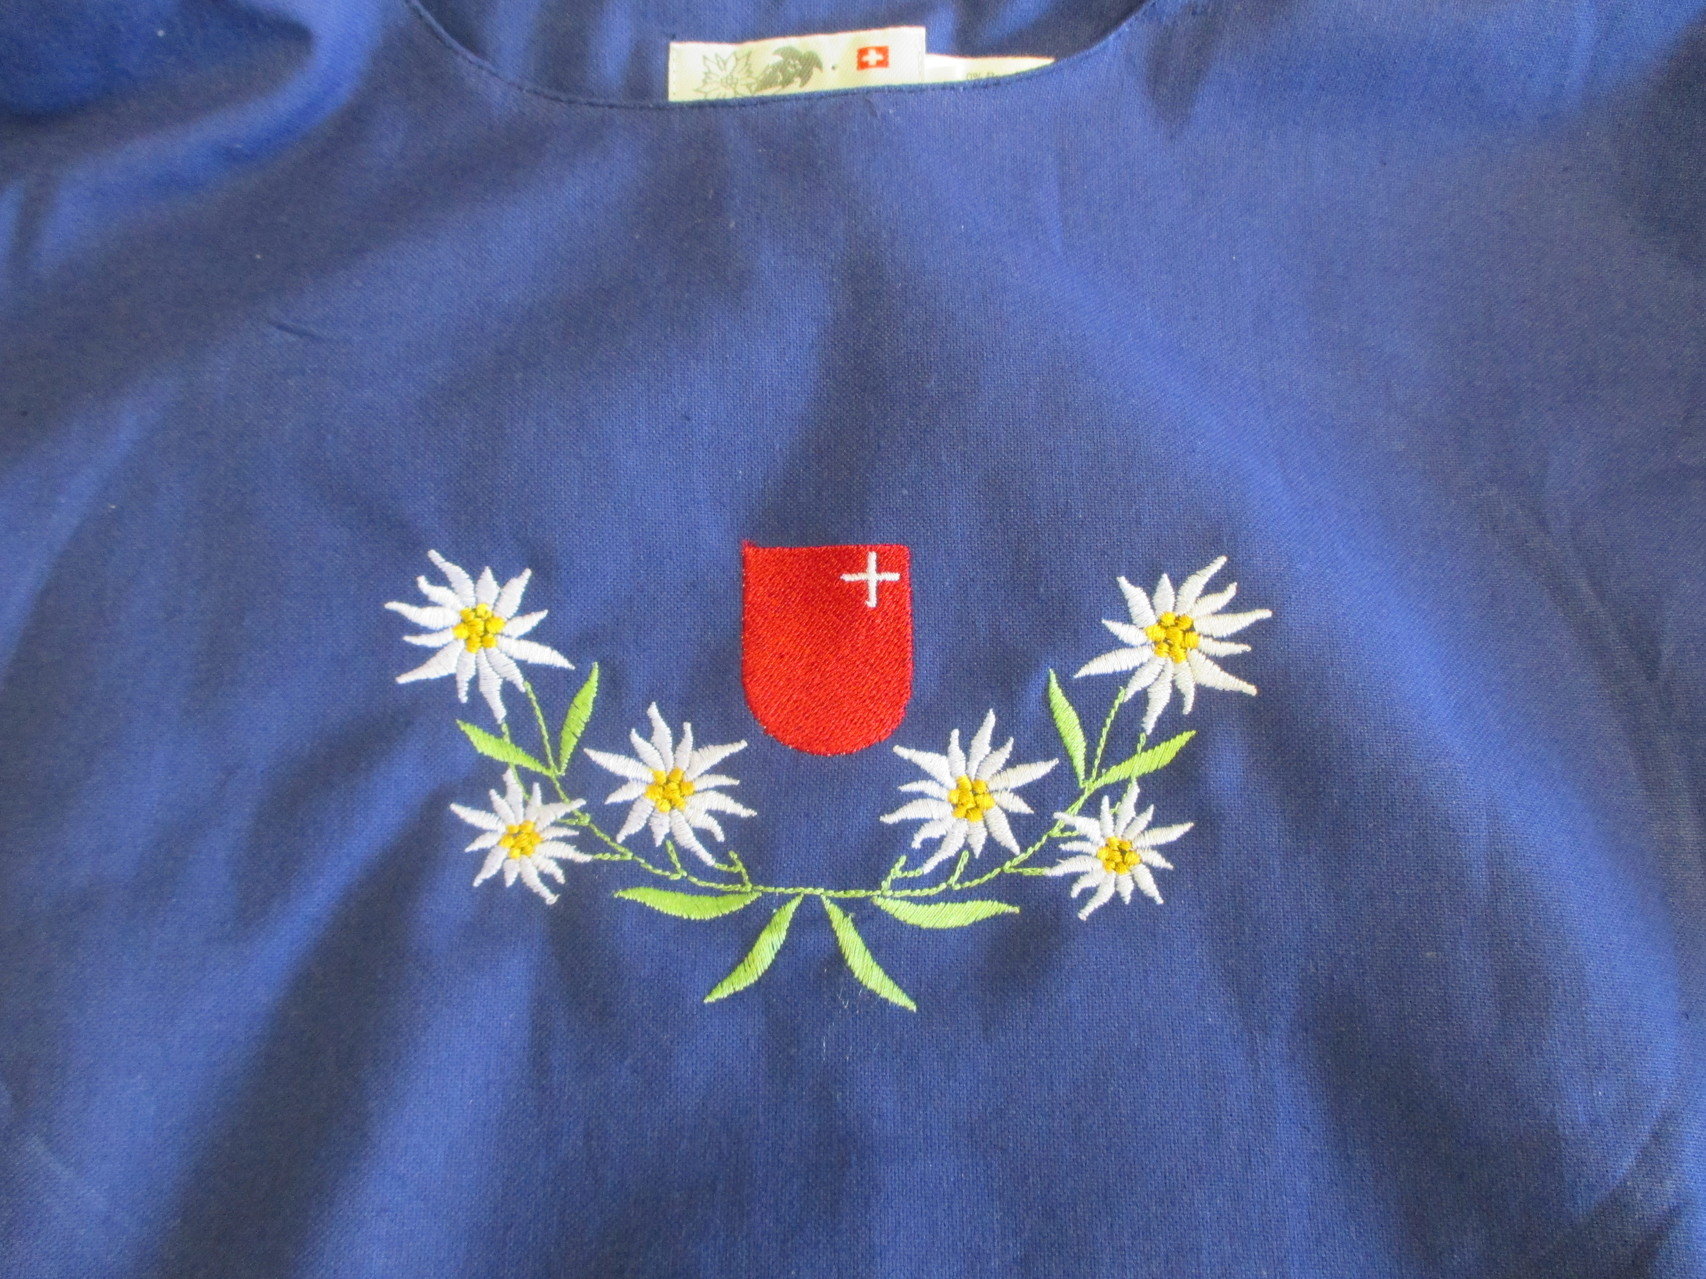 blaues Hirthemd mit Schwyzer Wappen